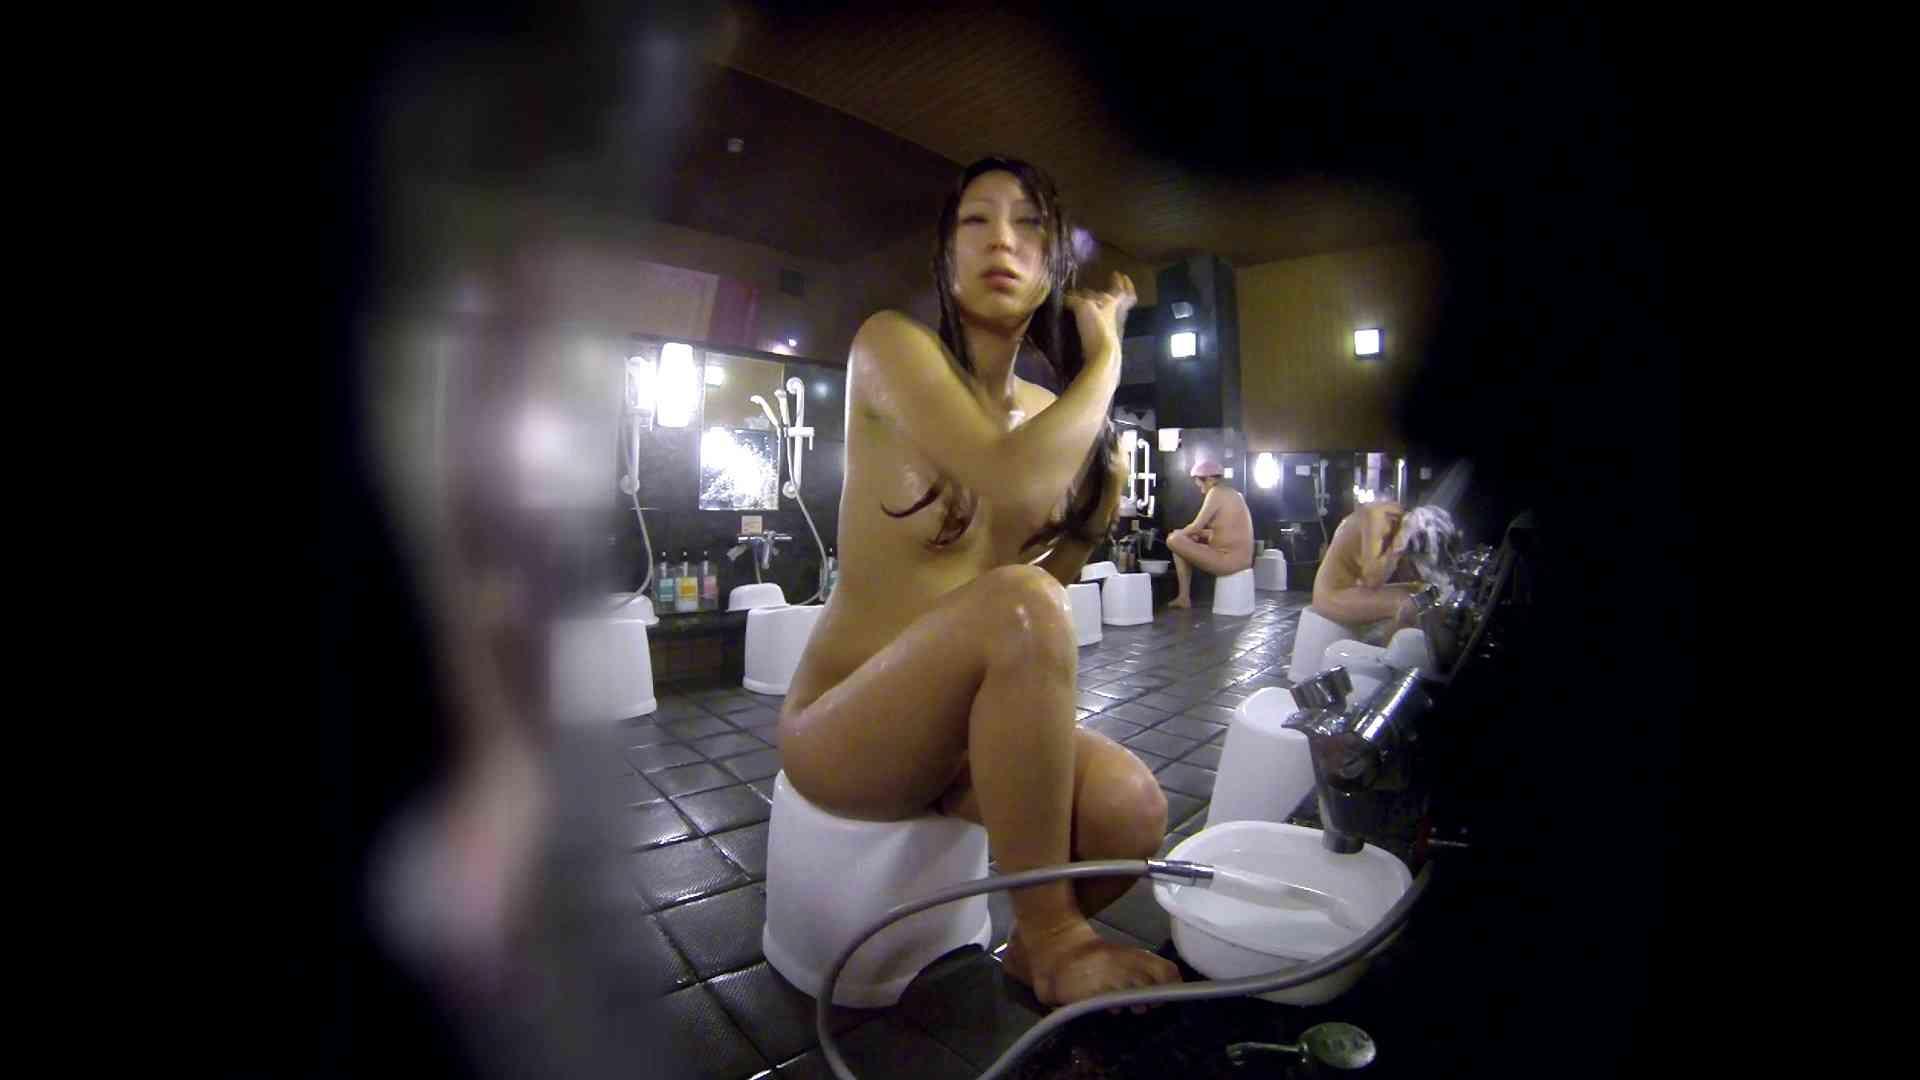 洗い場!綺麗に整えられた陰毛に嫉妬します。 銭湯のぞき ぱこり動画紹介 82画像 35